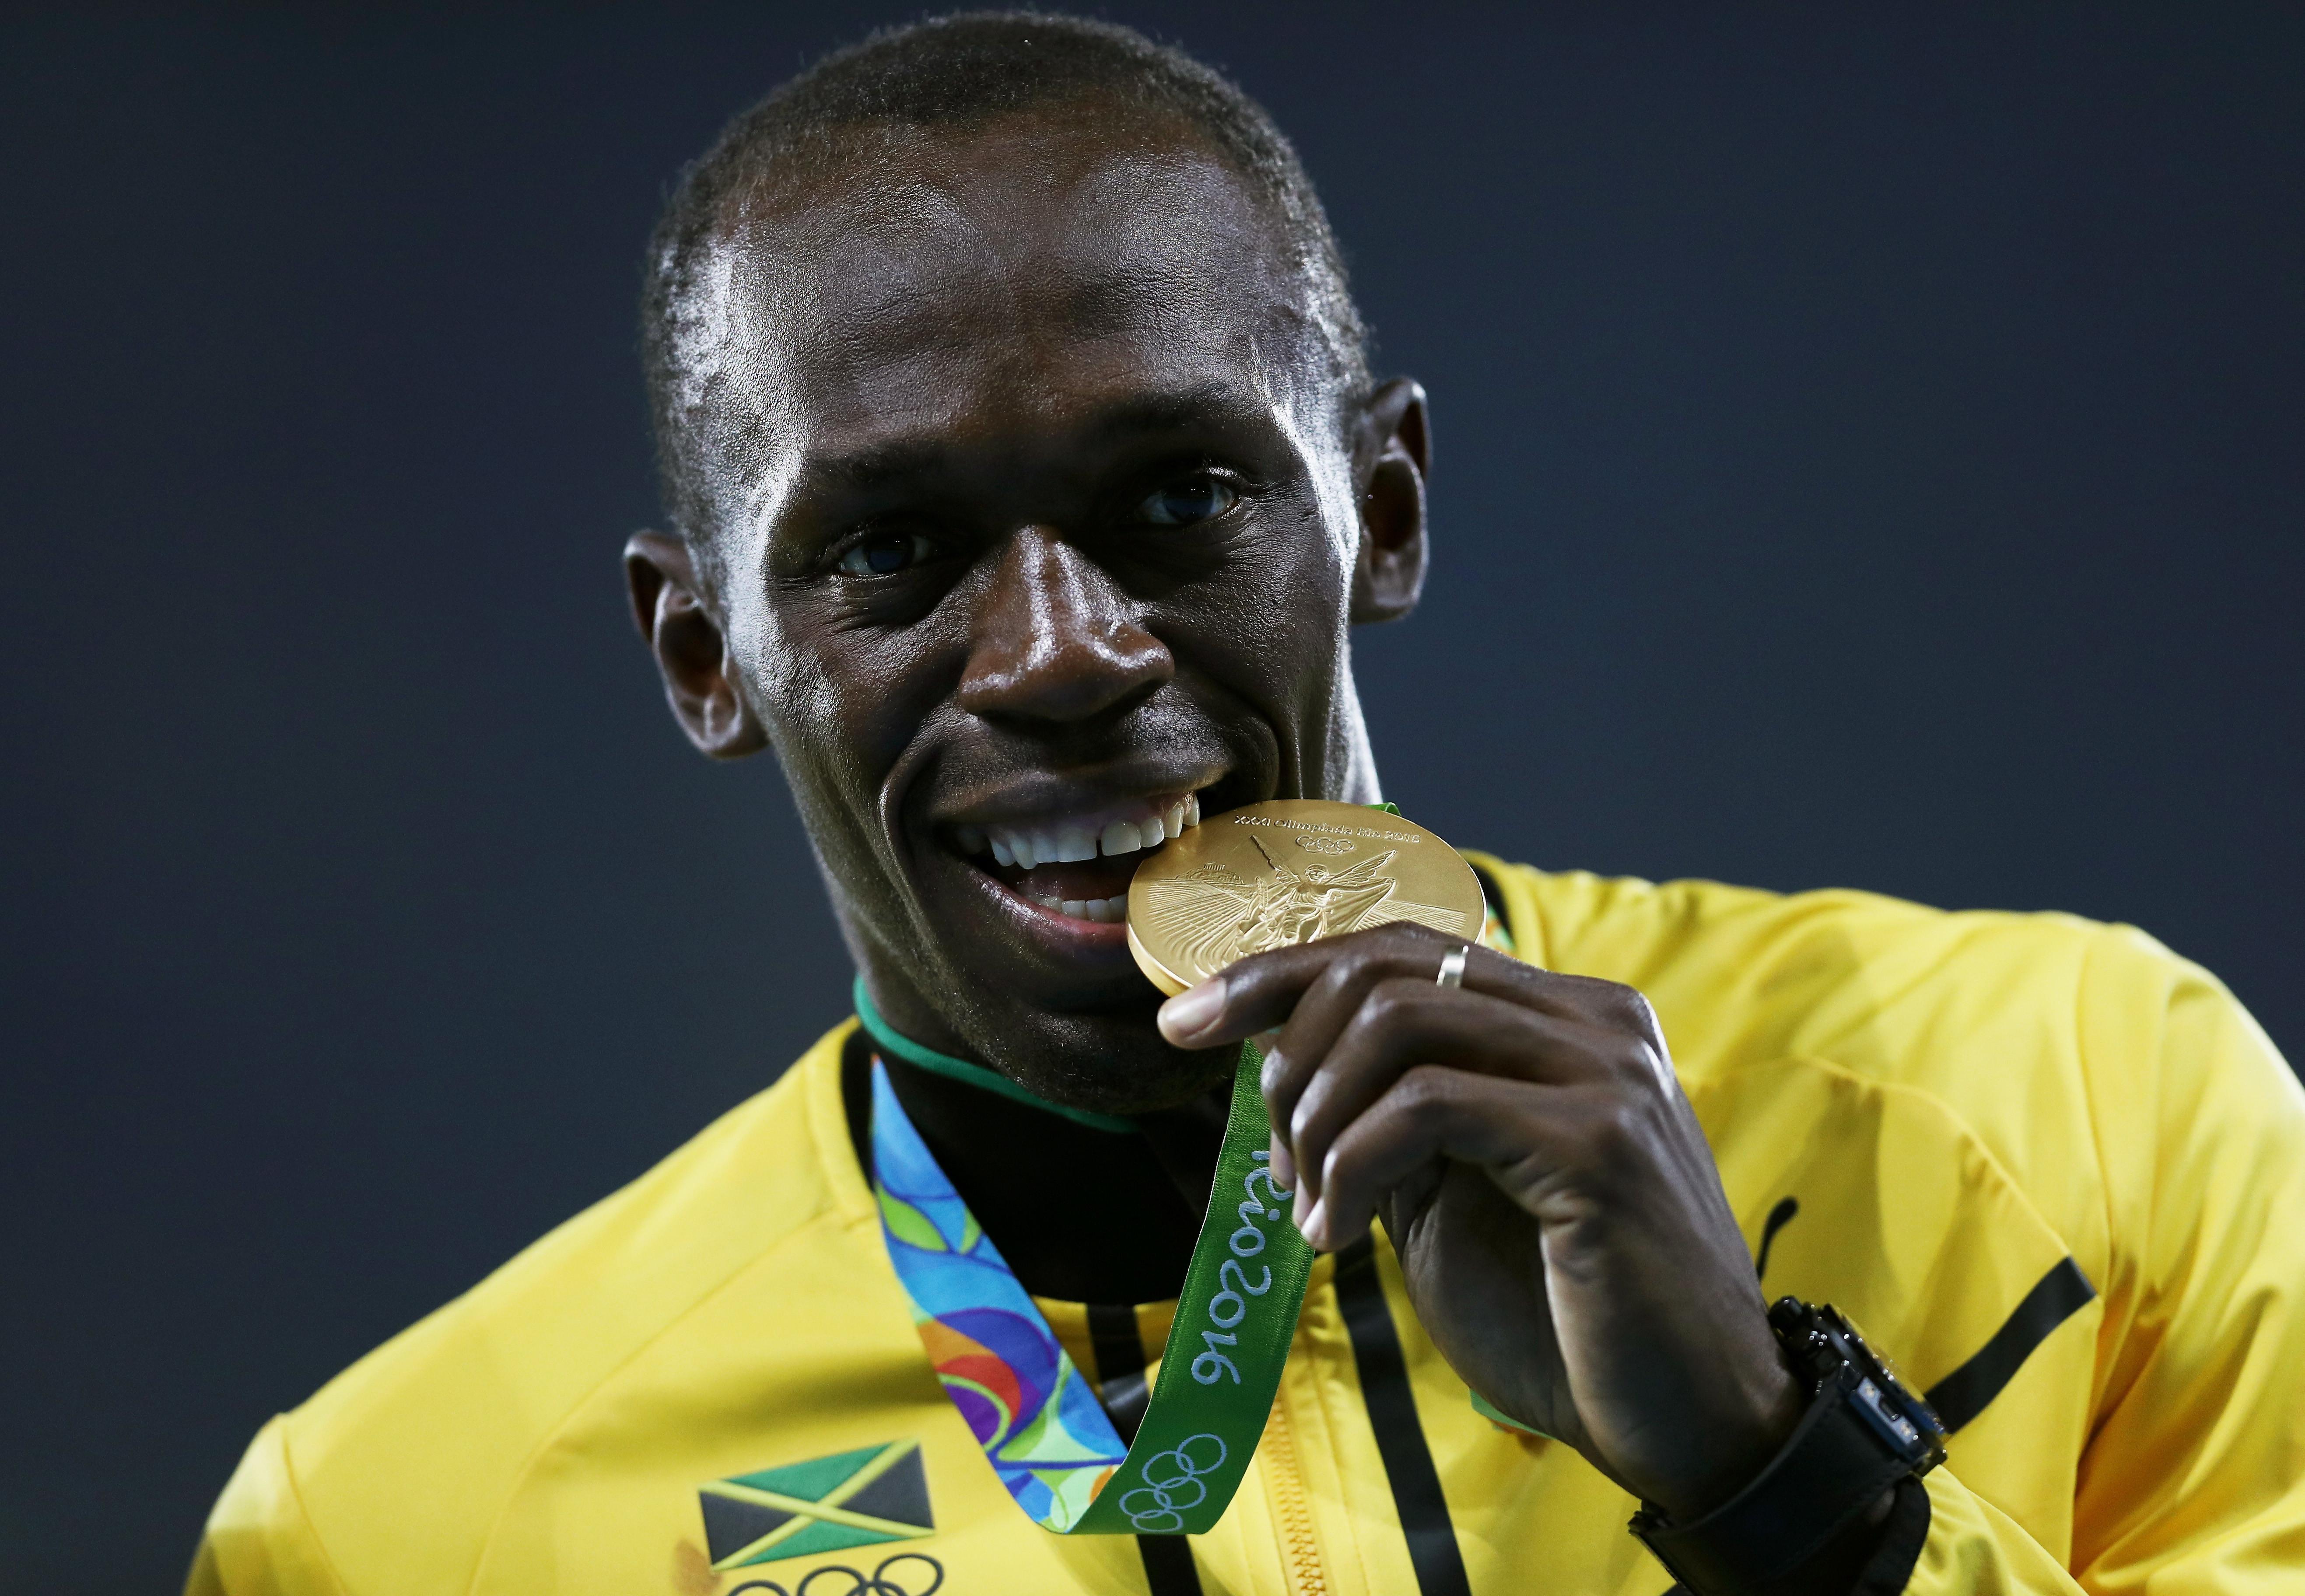 5) Usain Bolt (atletica)